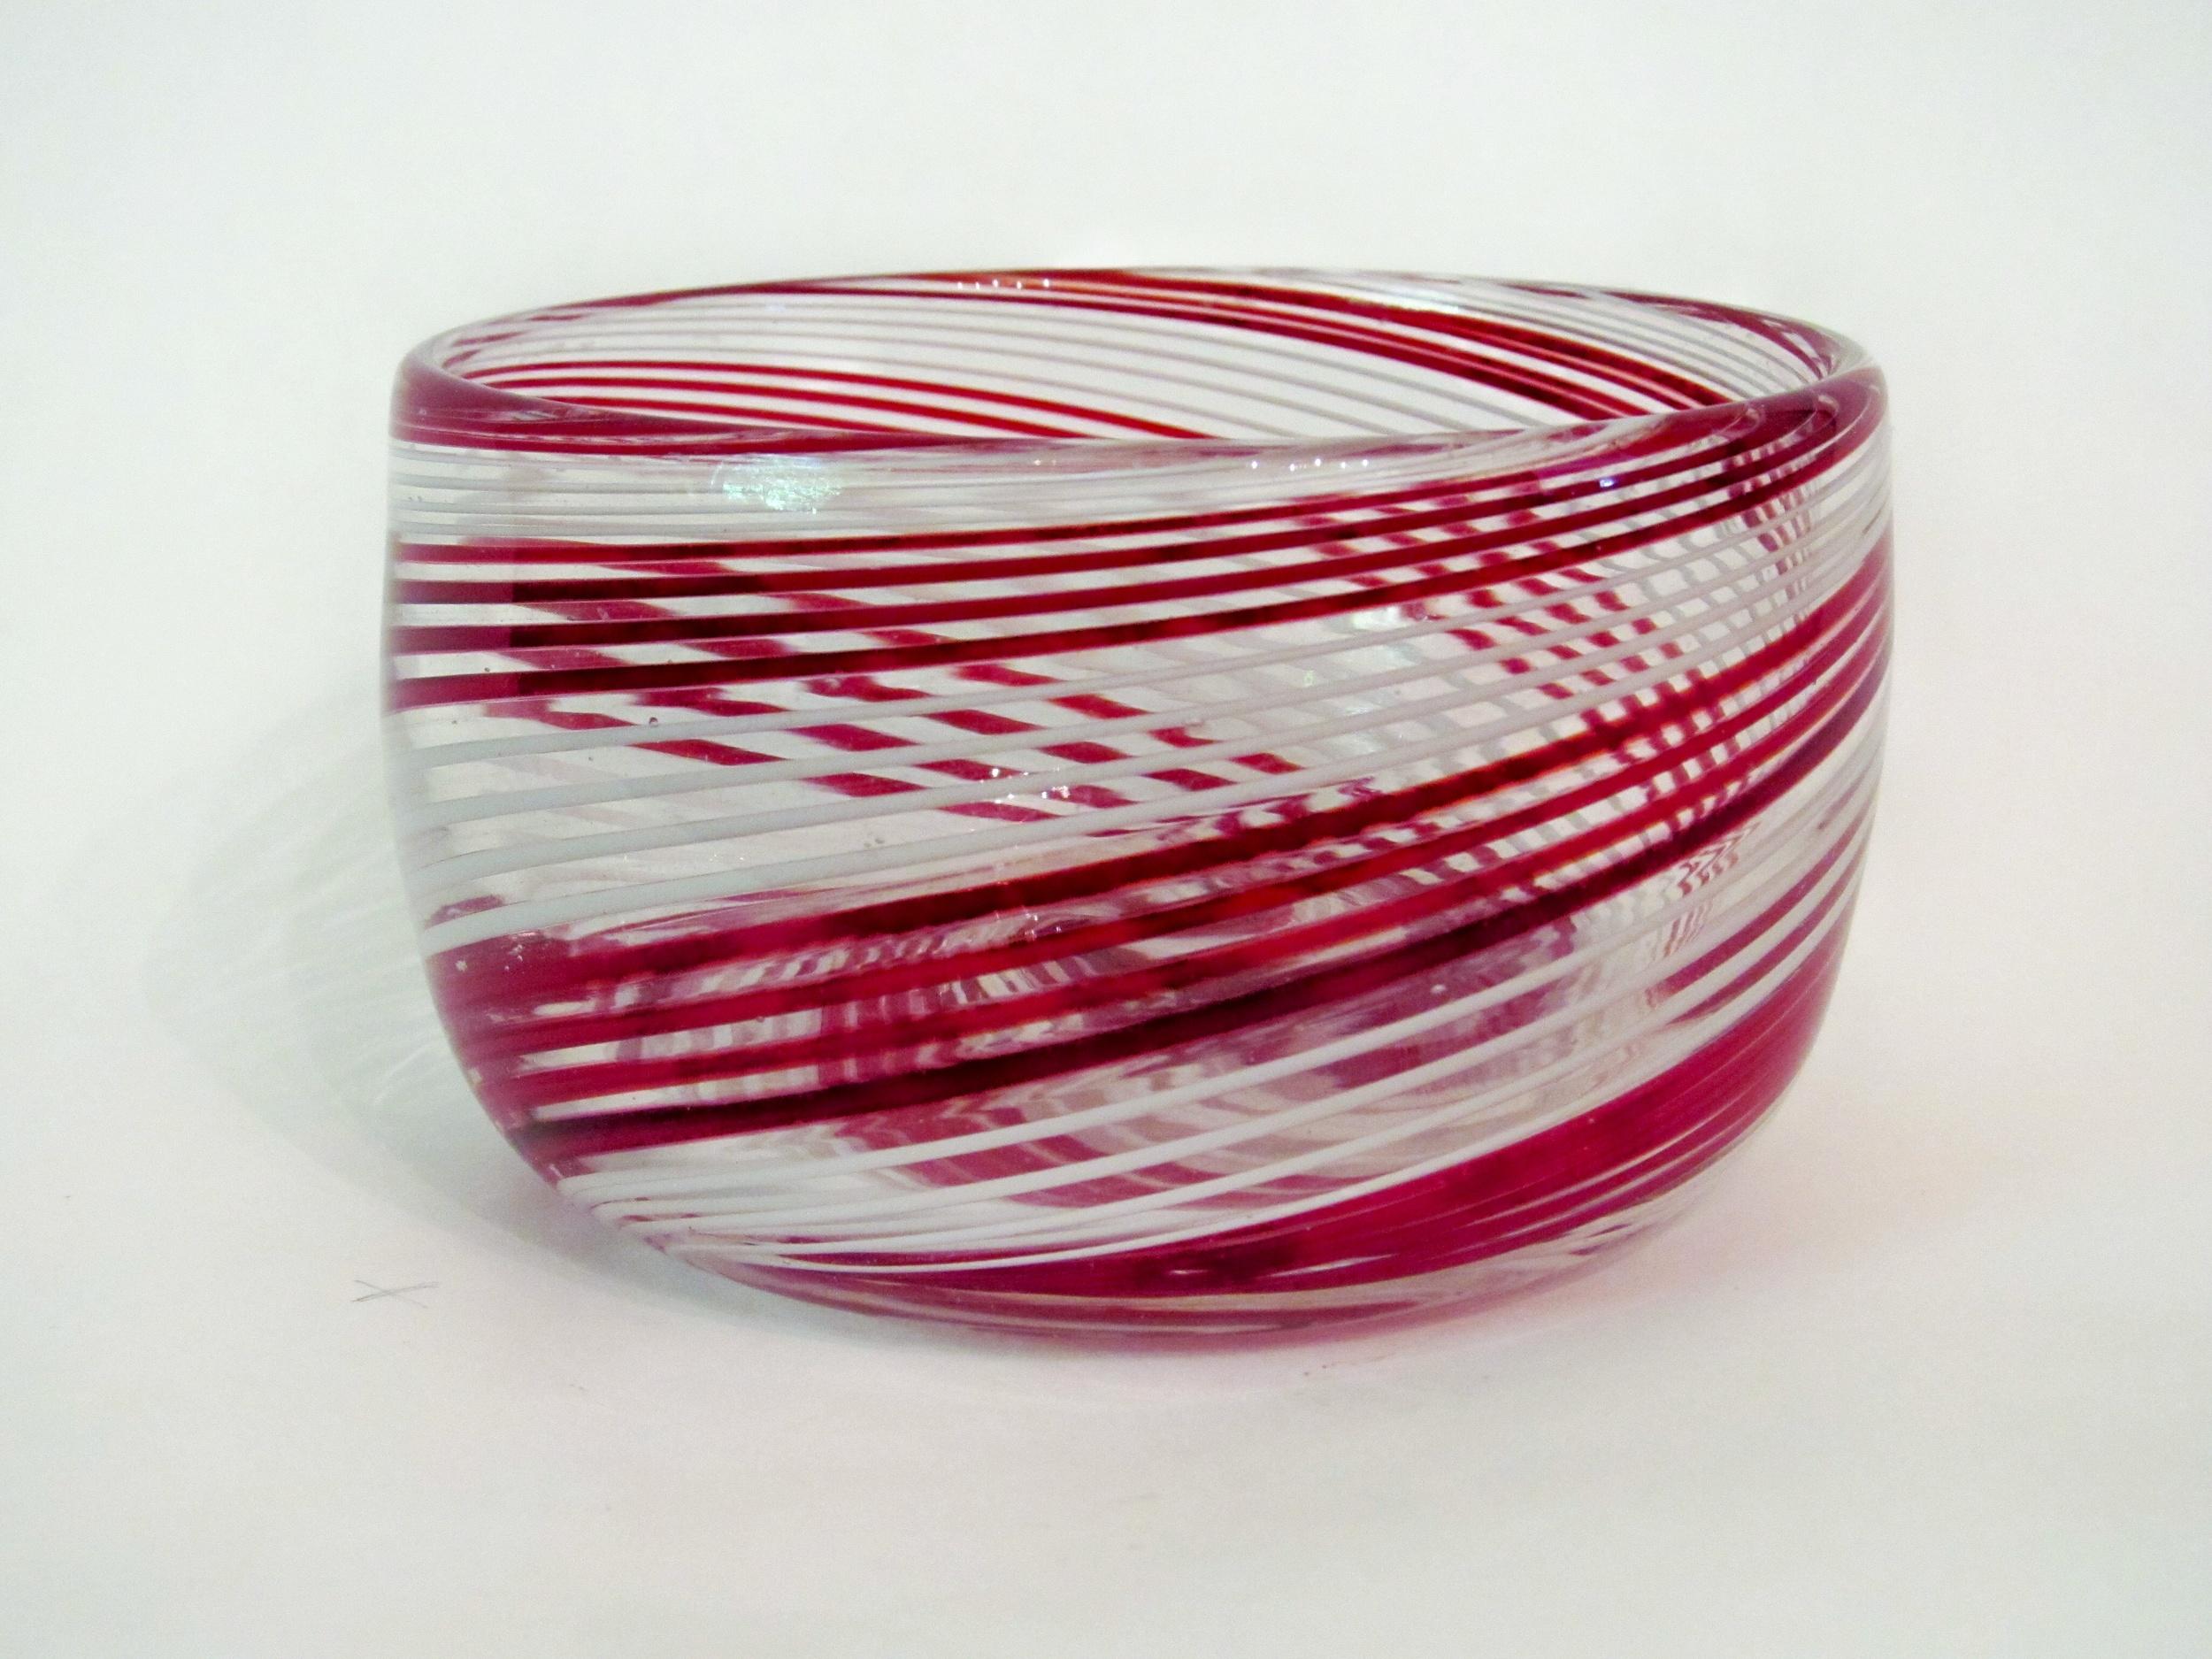 Red and white supio bowl.jpg